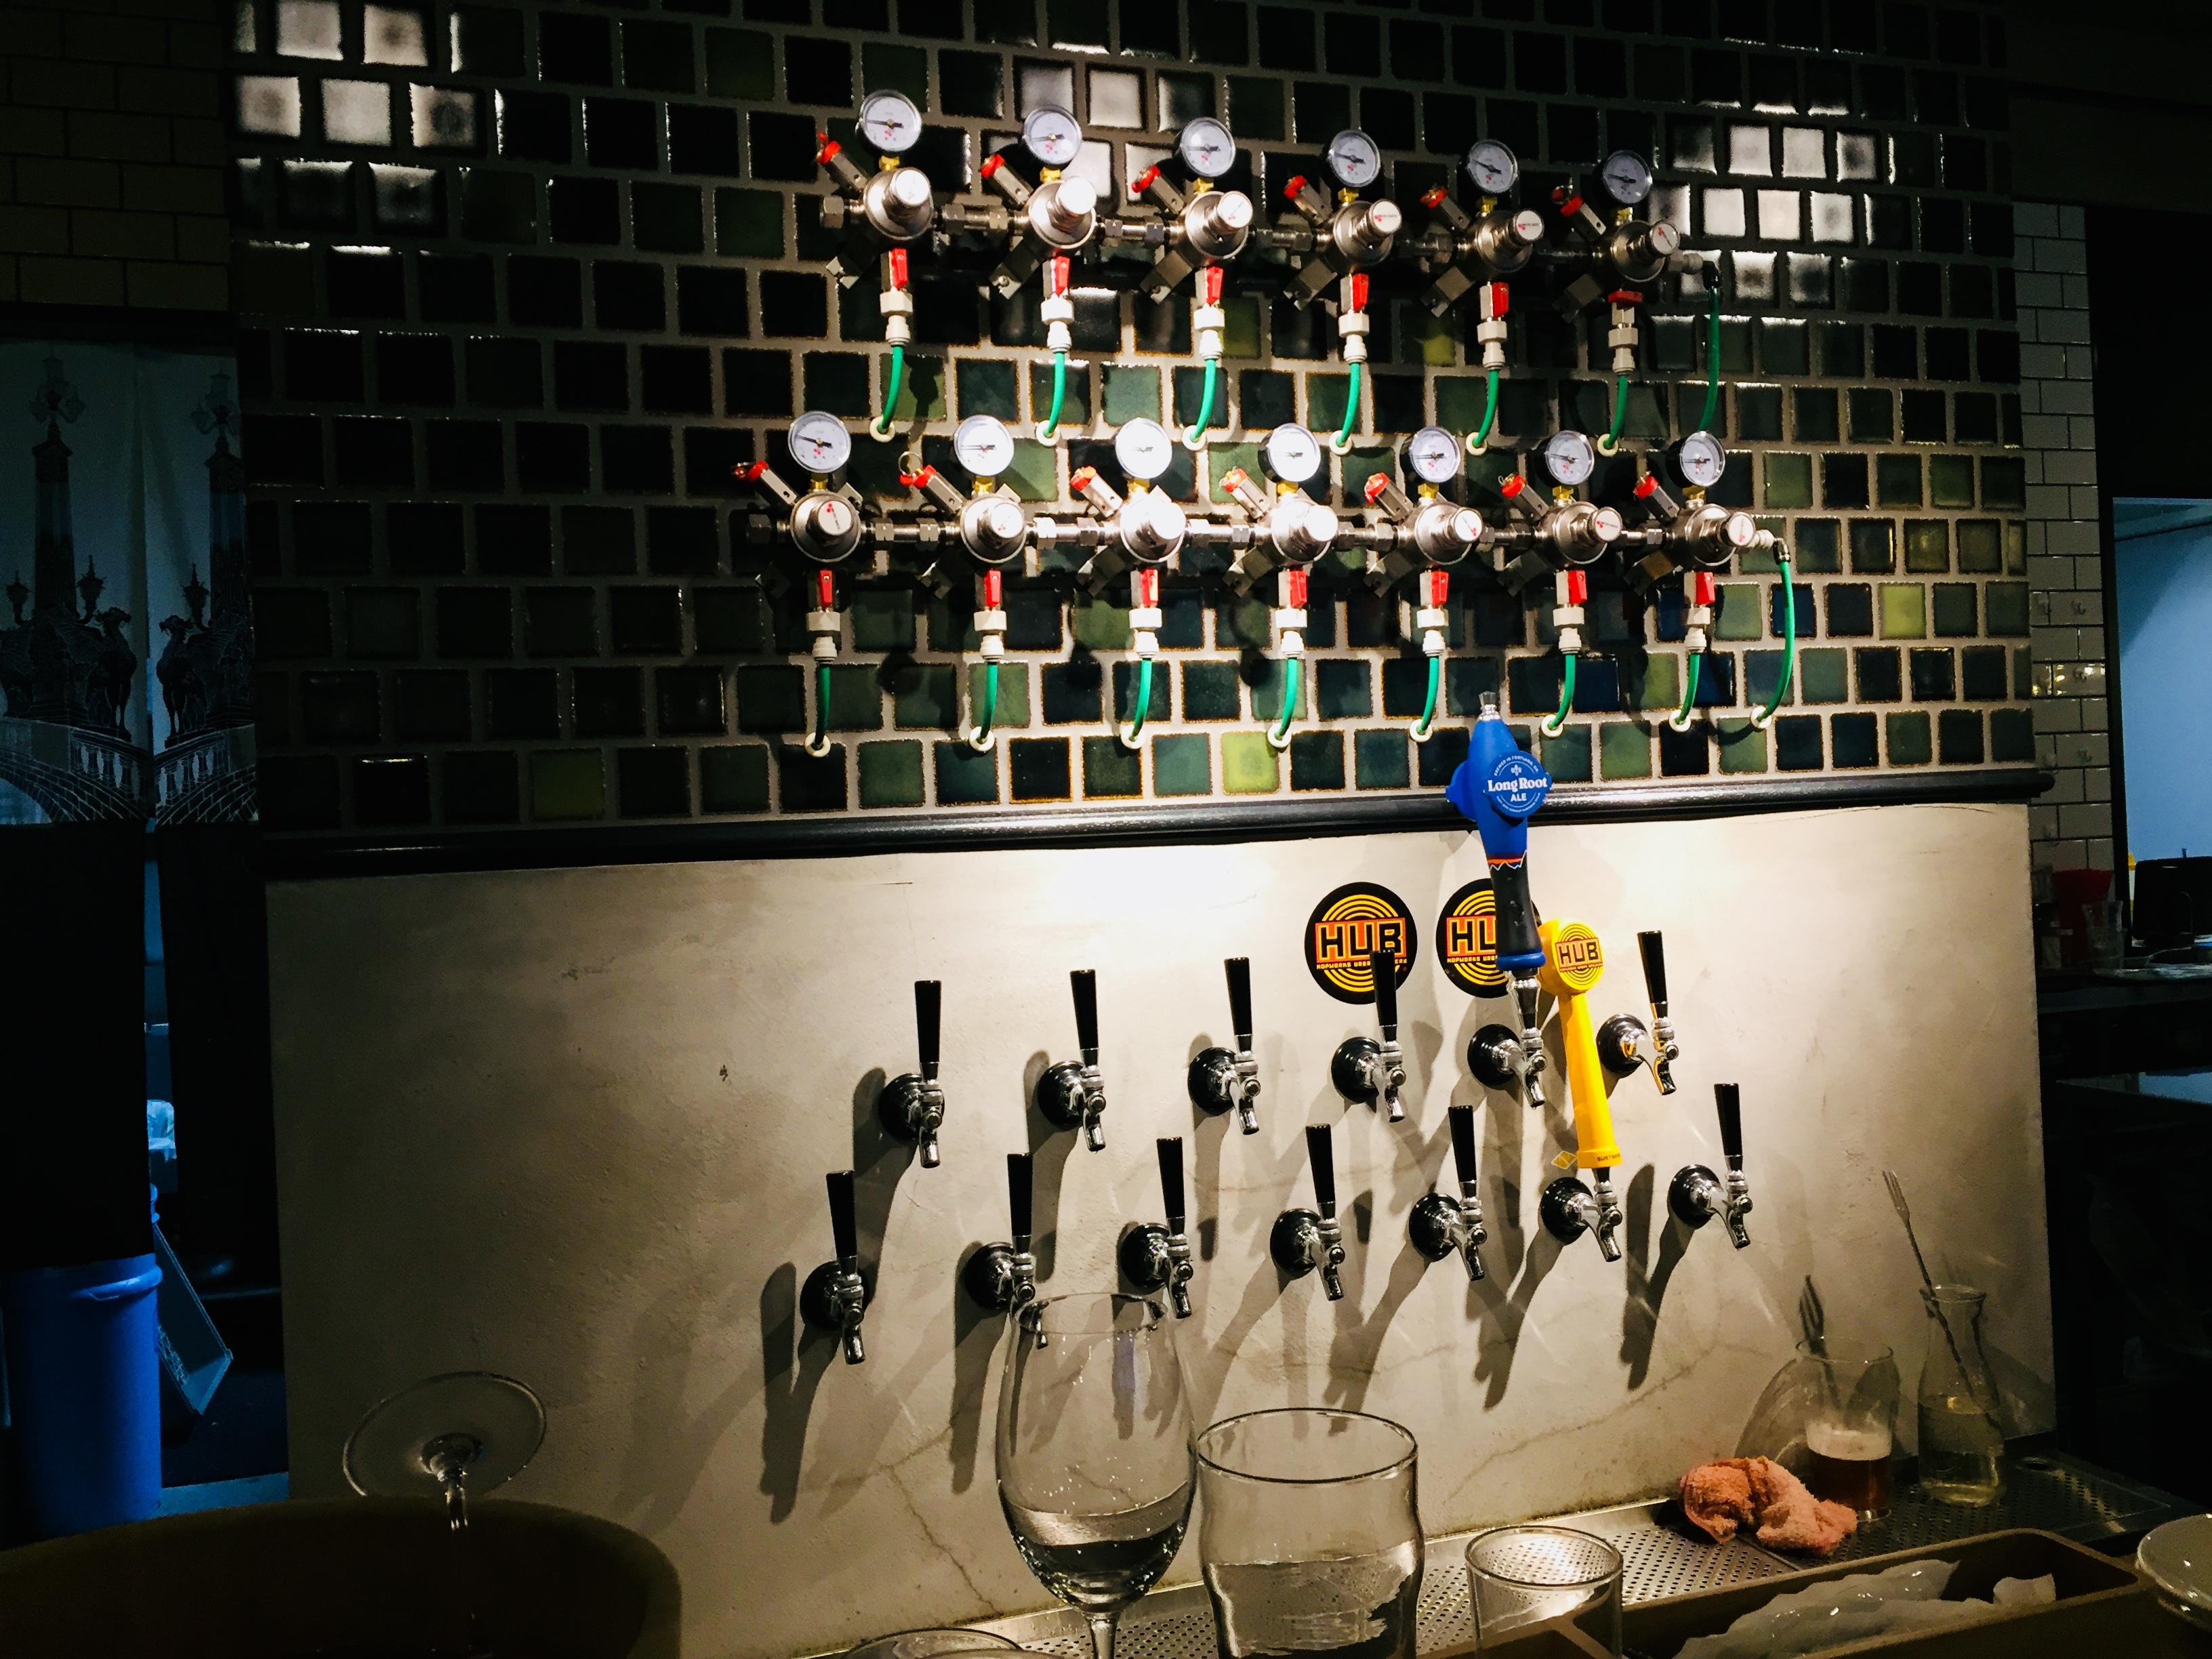 【日本プチ縦断 in 関東】ポポと、ビールと、もつ鍋と、ジン。